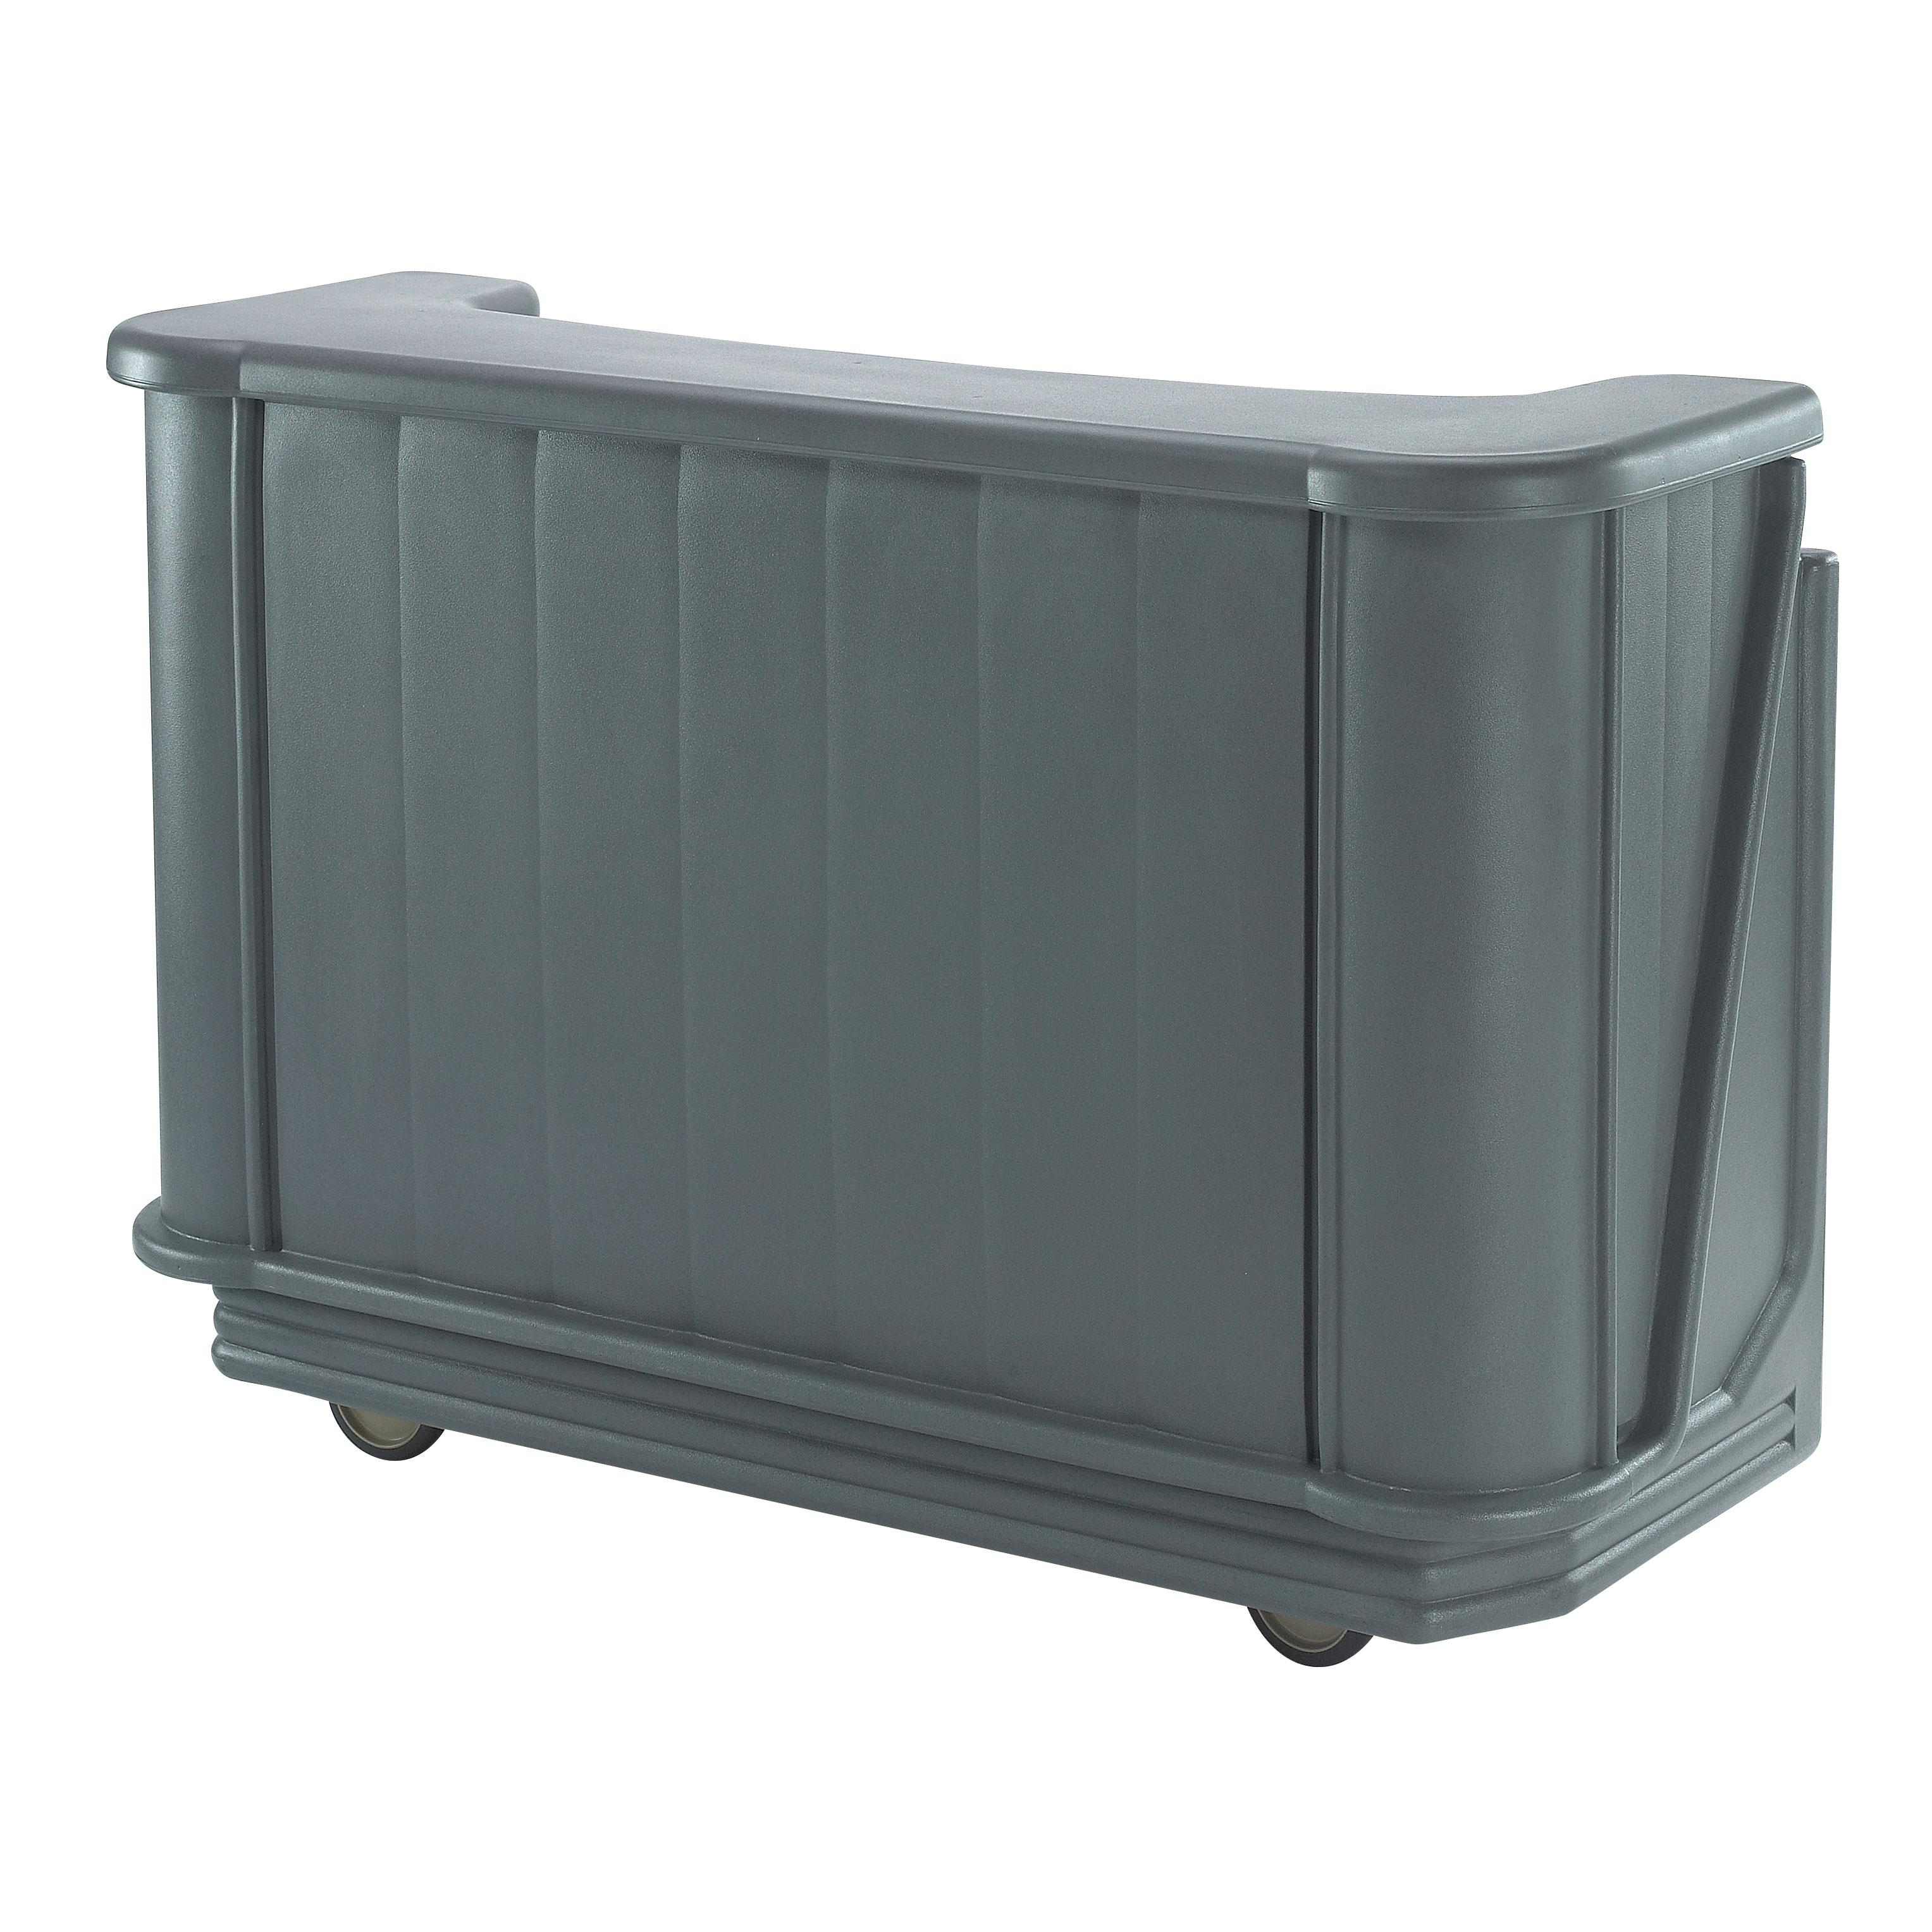 Cambro BAR650191 portable bar